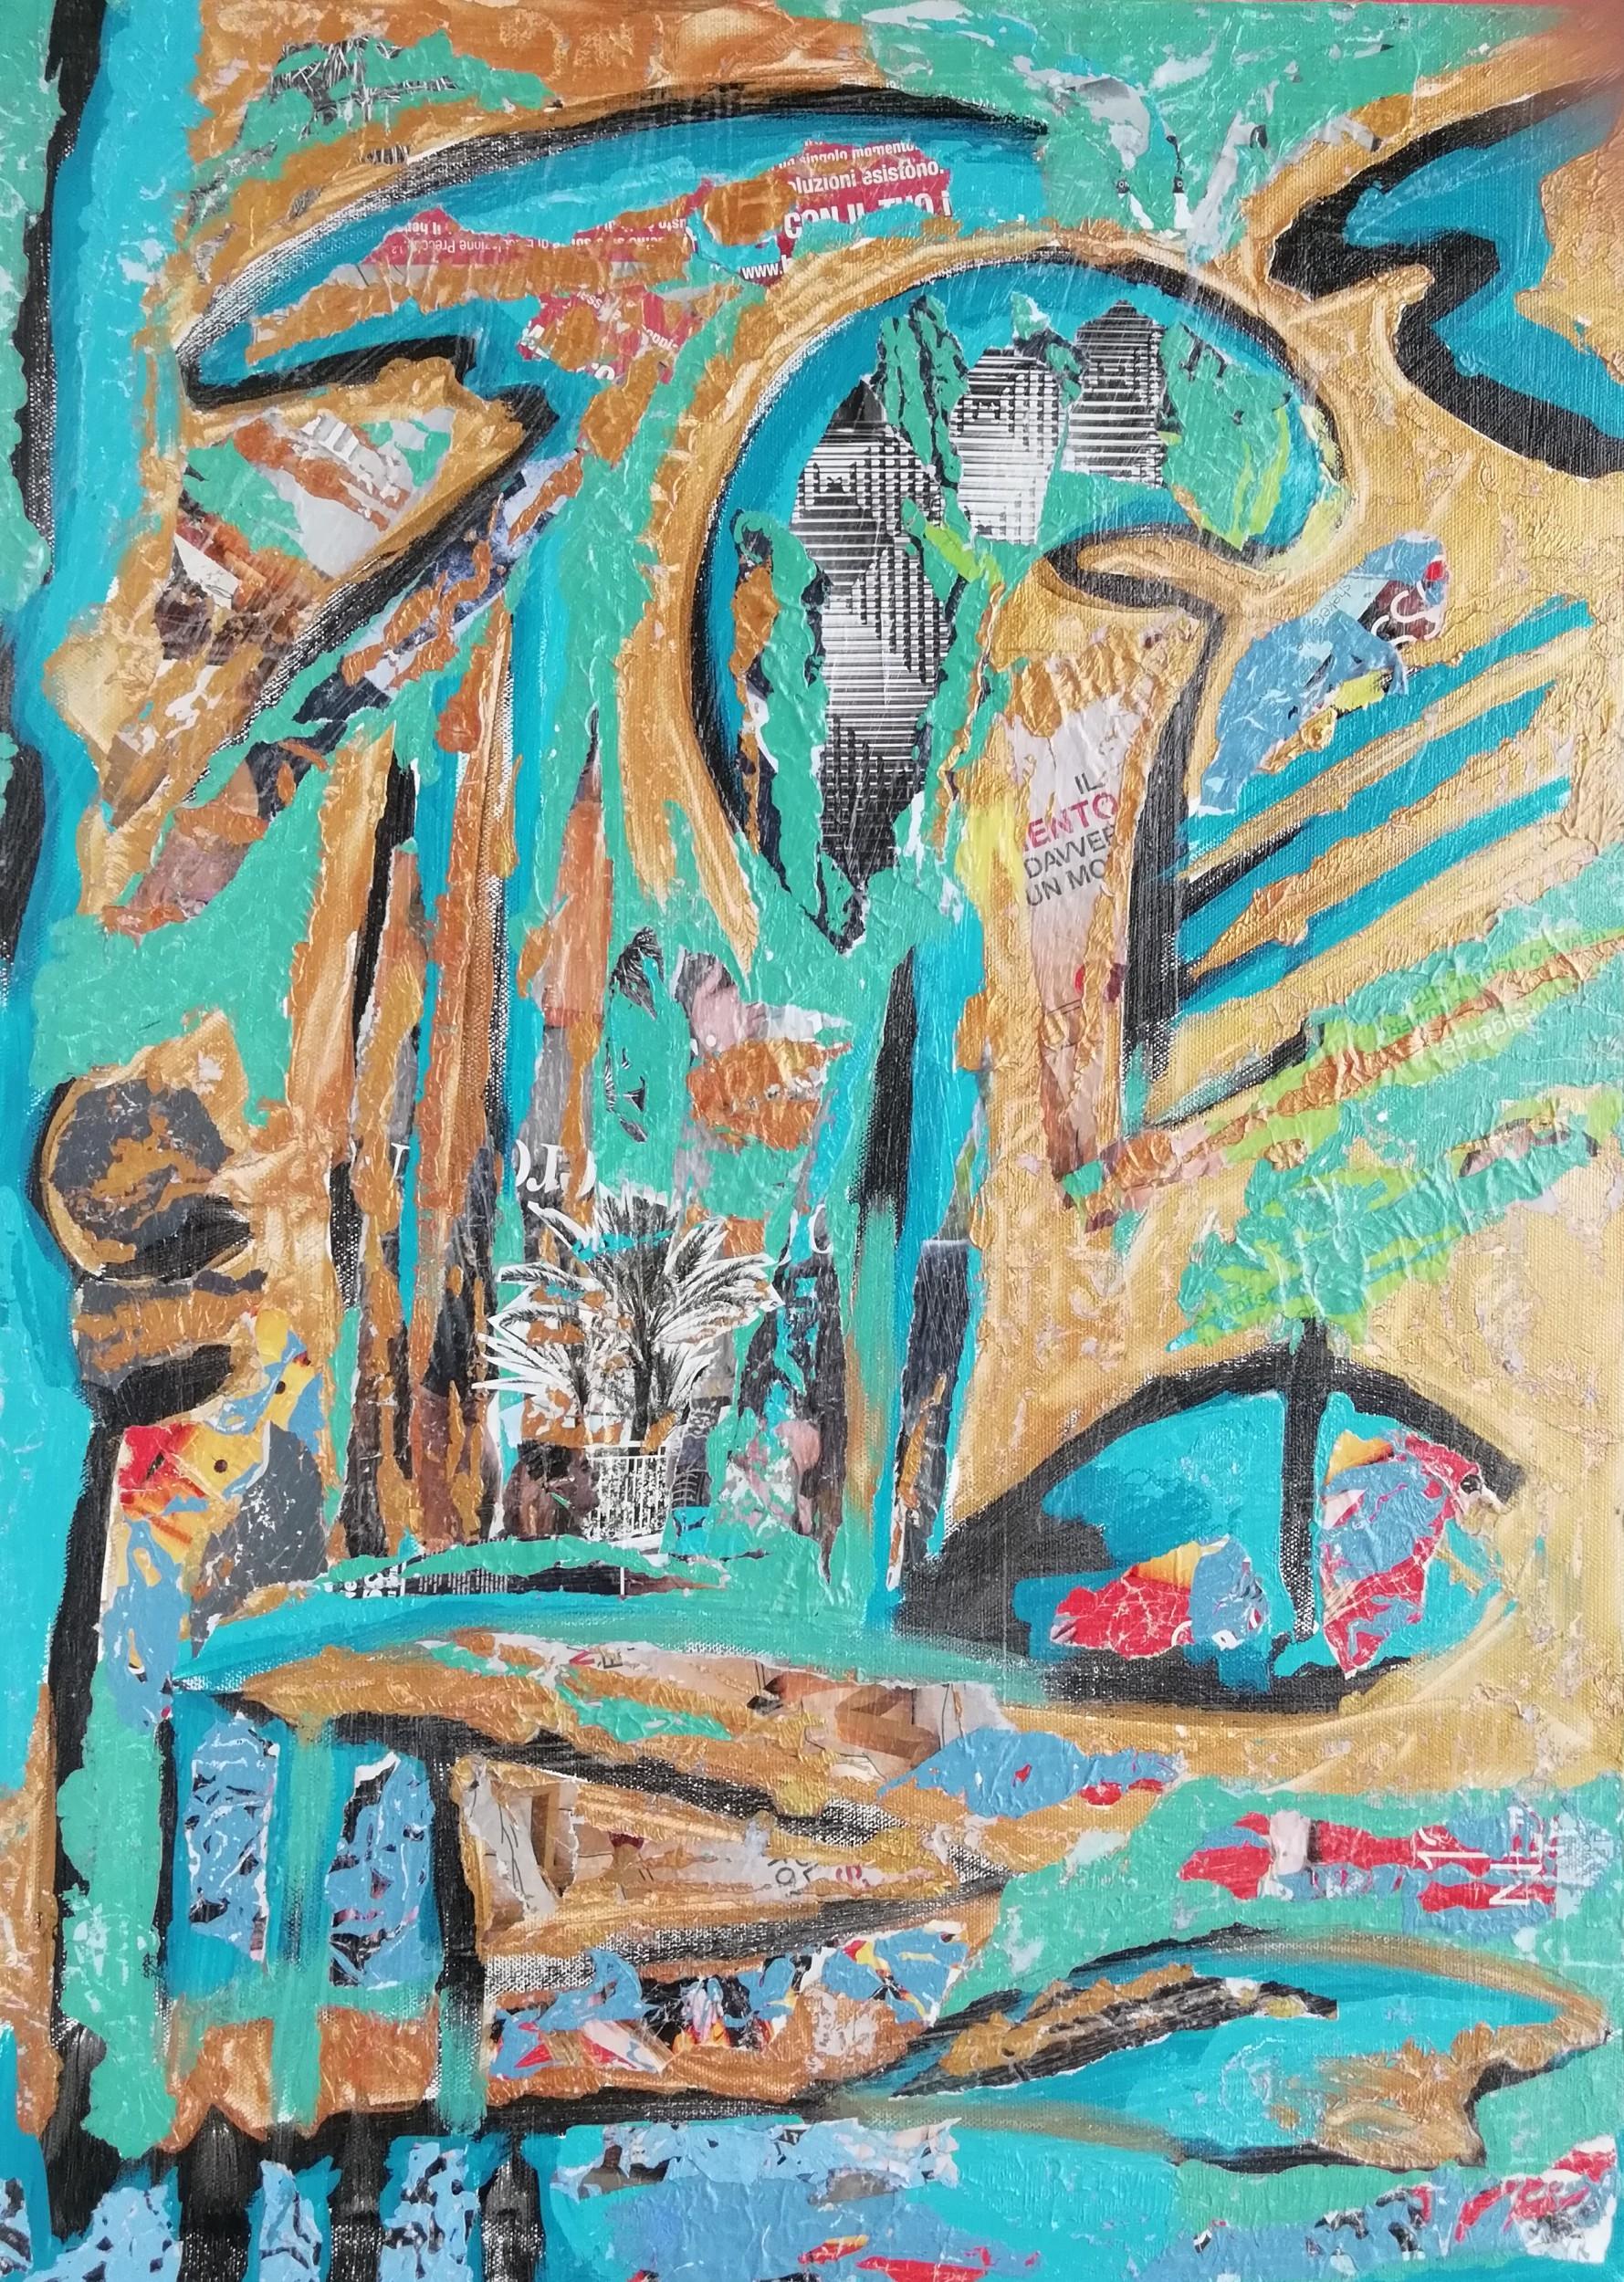 La Dimora Del Re Alfonso Camplone Artwork Celeste Network